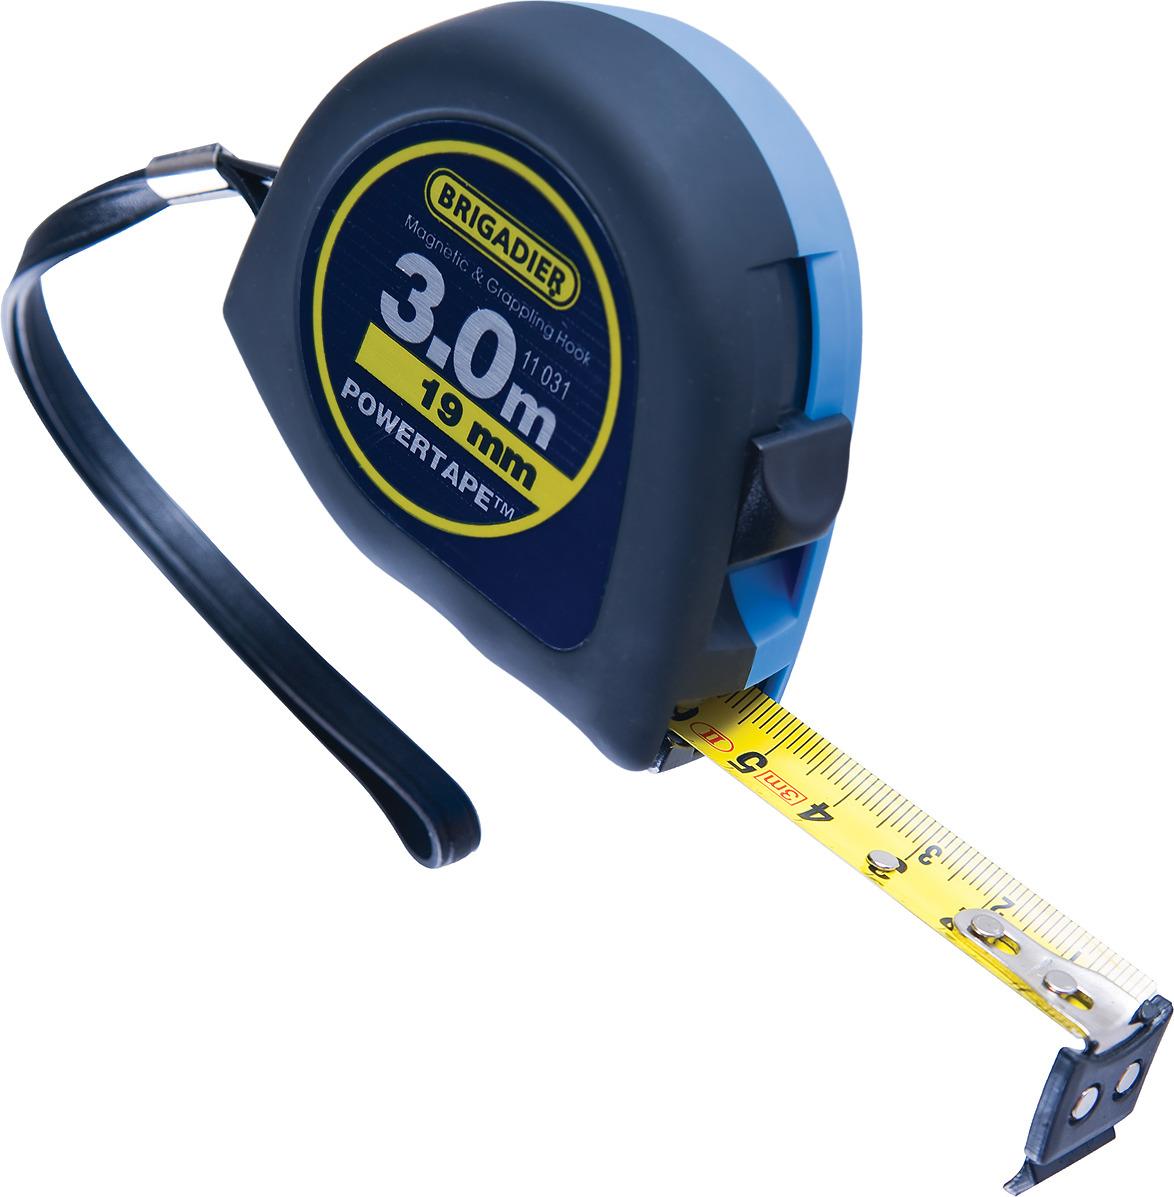 Измерительная рулетка Brigadier, 11031, 3 м11031Корпус из ударопрочного пластика с прорезиненным противоскользящим покрытием ANTI:SLIP™. Поясное крепление. Патентованный механизм паузы позволяет проводить измерения быстро и легко. Металлическая лента с износоустойчивым покрытием. Крепкий многосекционный крючок из пластичного эластомера обеспечивает надёжный зацеп на материалах любой формы. Встроенный в крючок сильный магнит обеспечивает крепление к металлическим поверхностям. II класс точности.